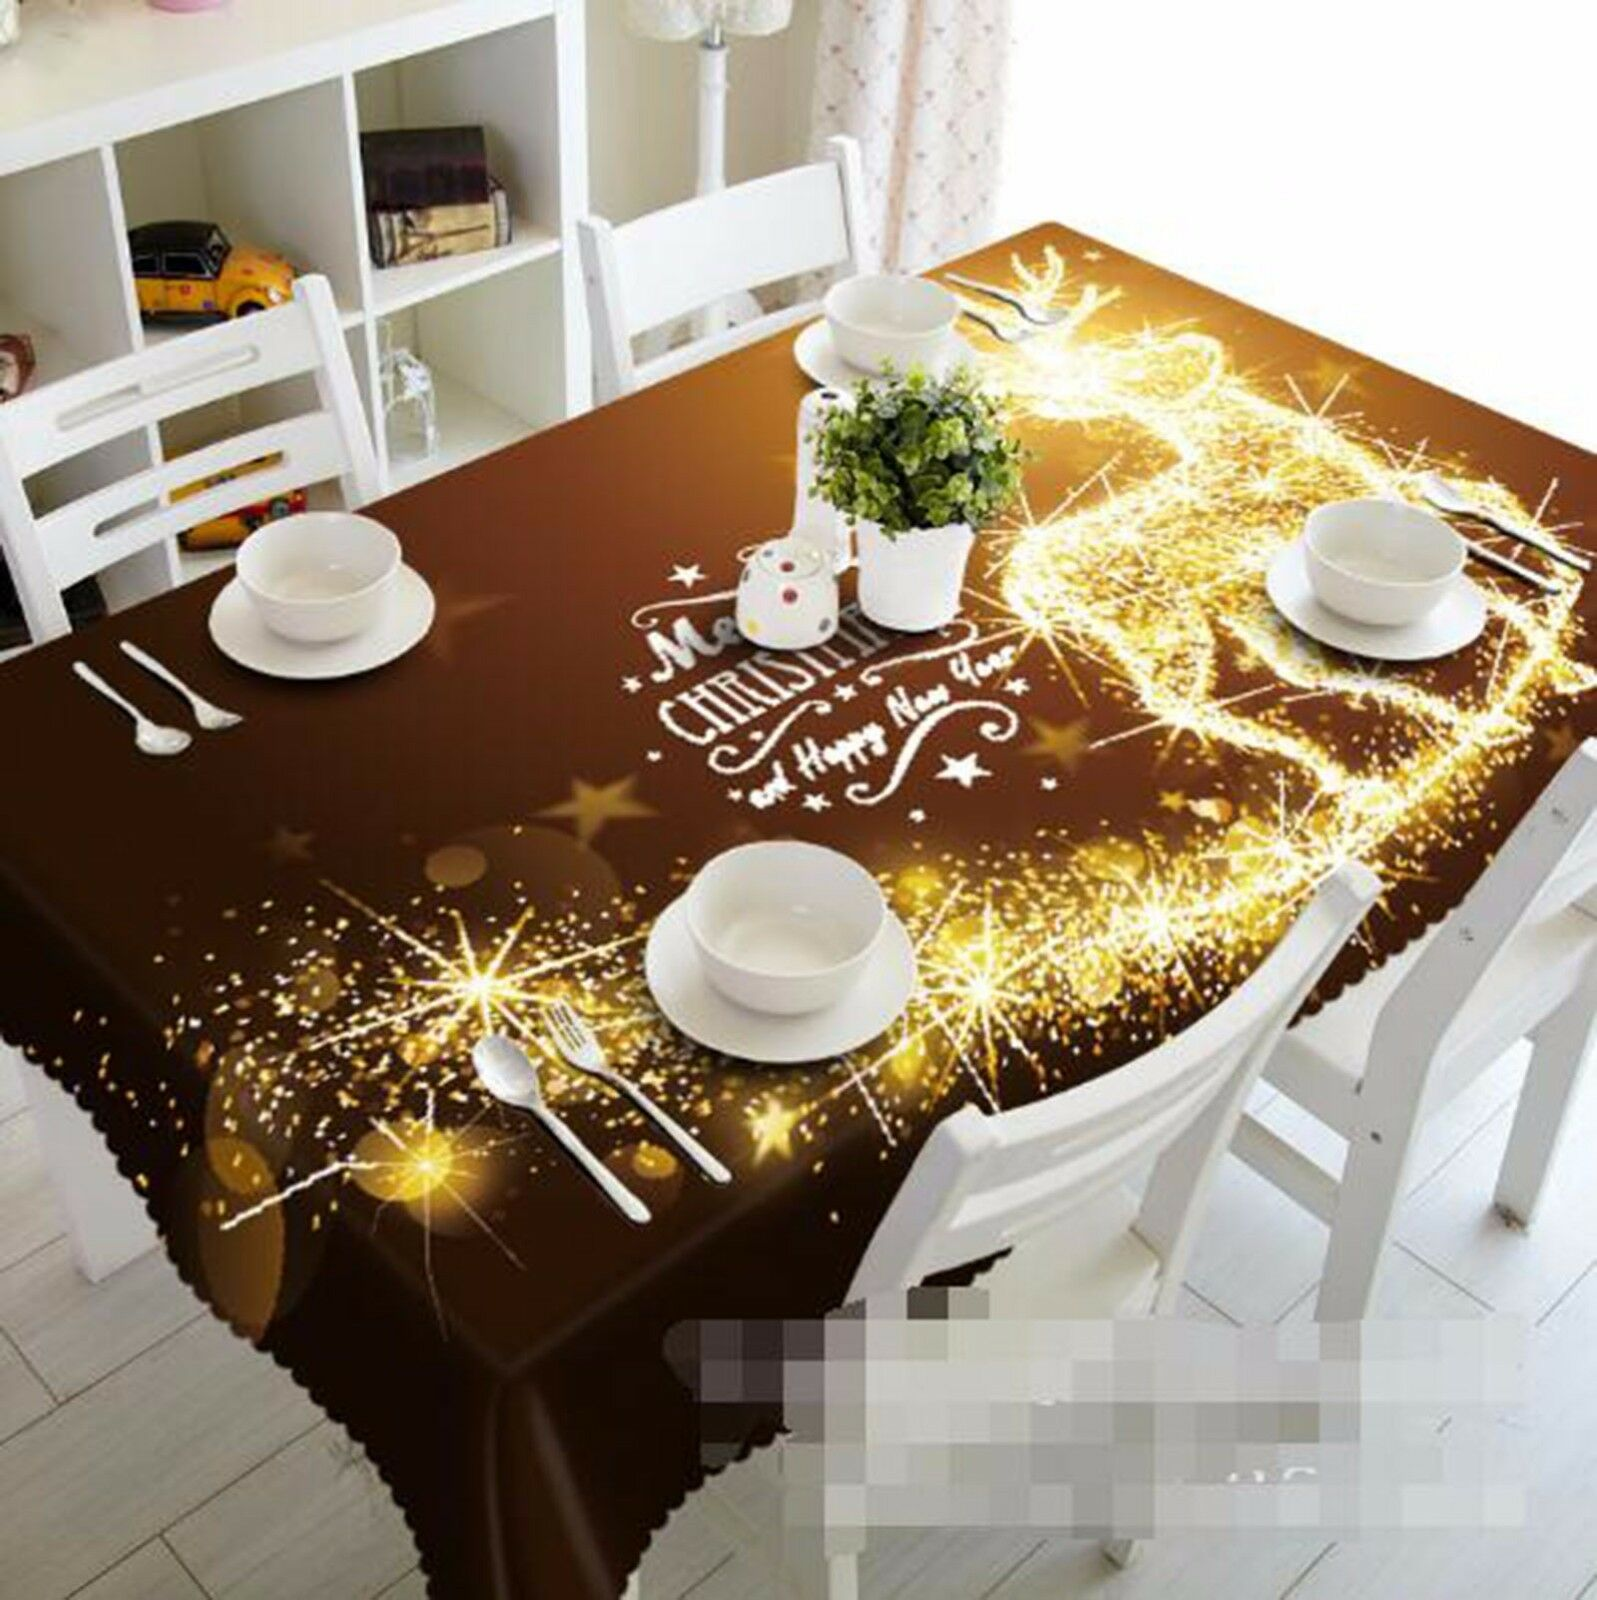 3D Cerf Light Nappe Table Cover Cloth fête d'anniversaire AJ papier peint Royaume-Uni Citron